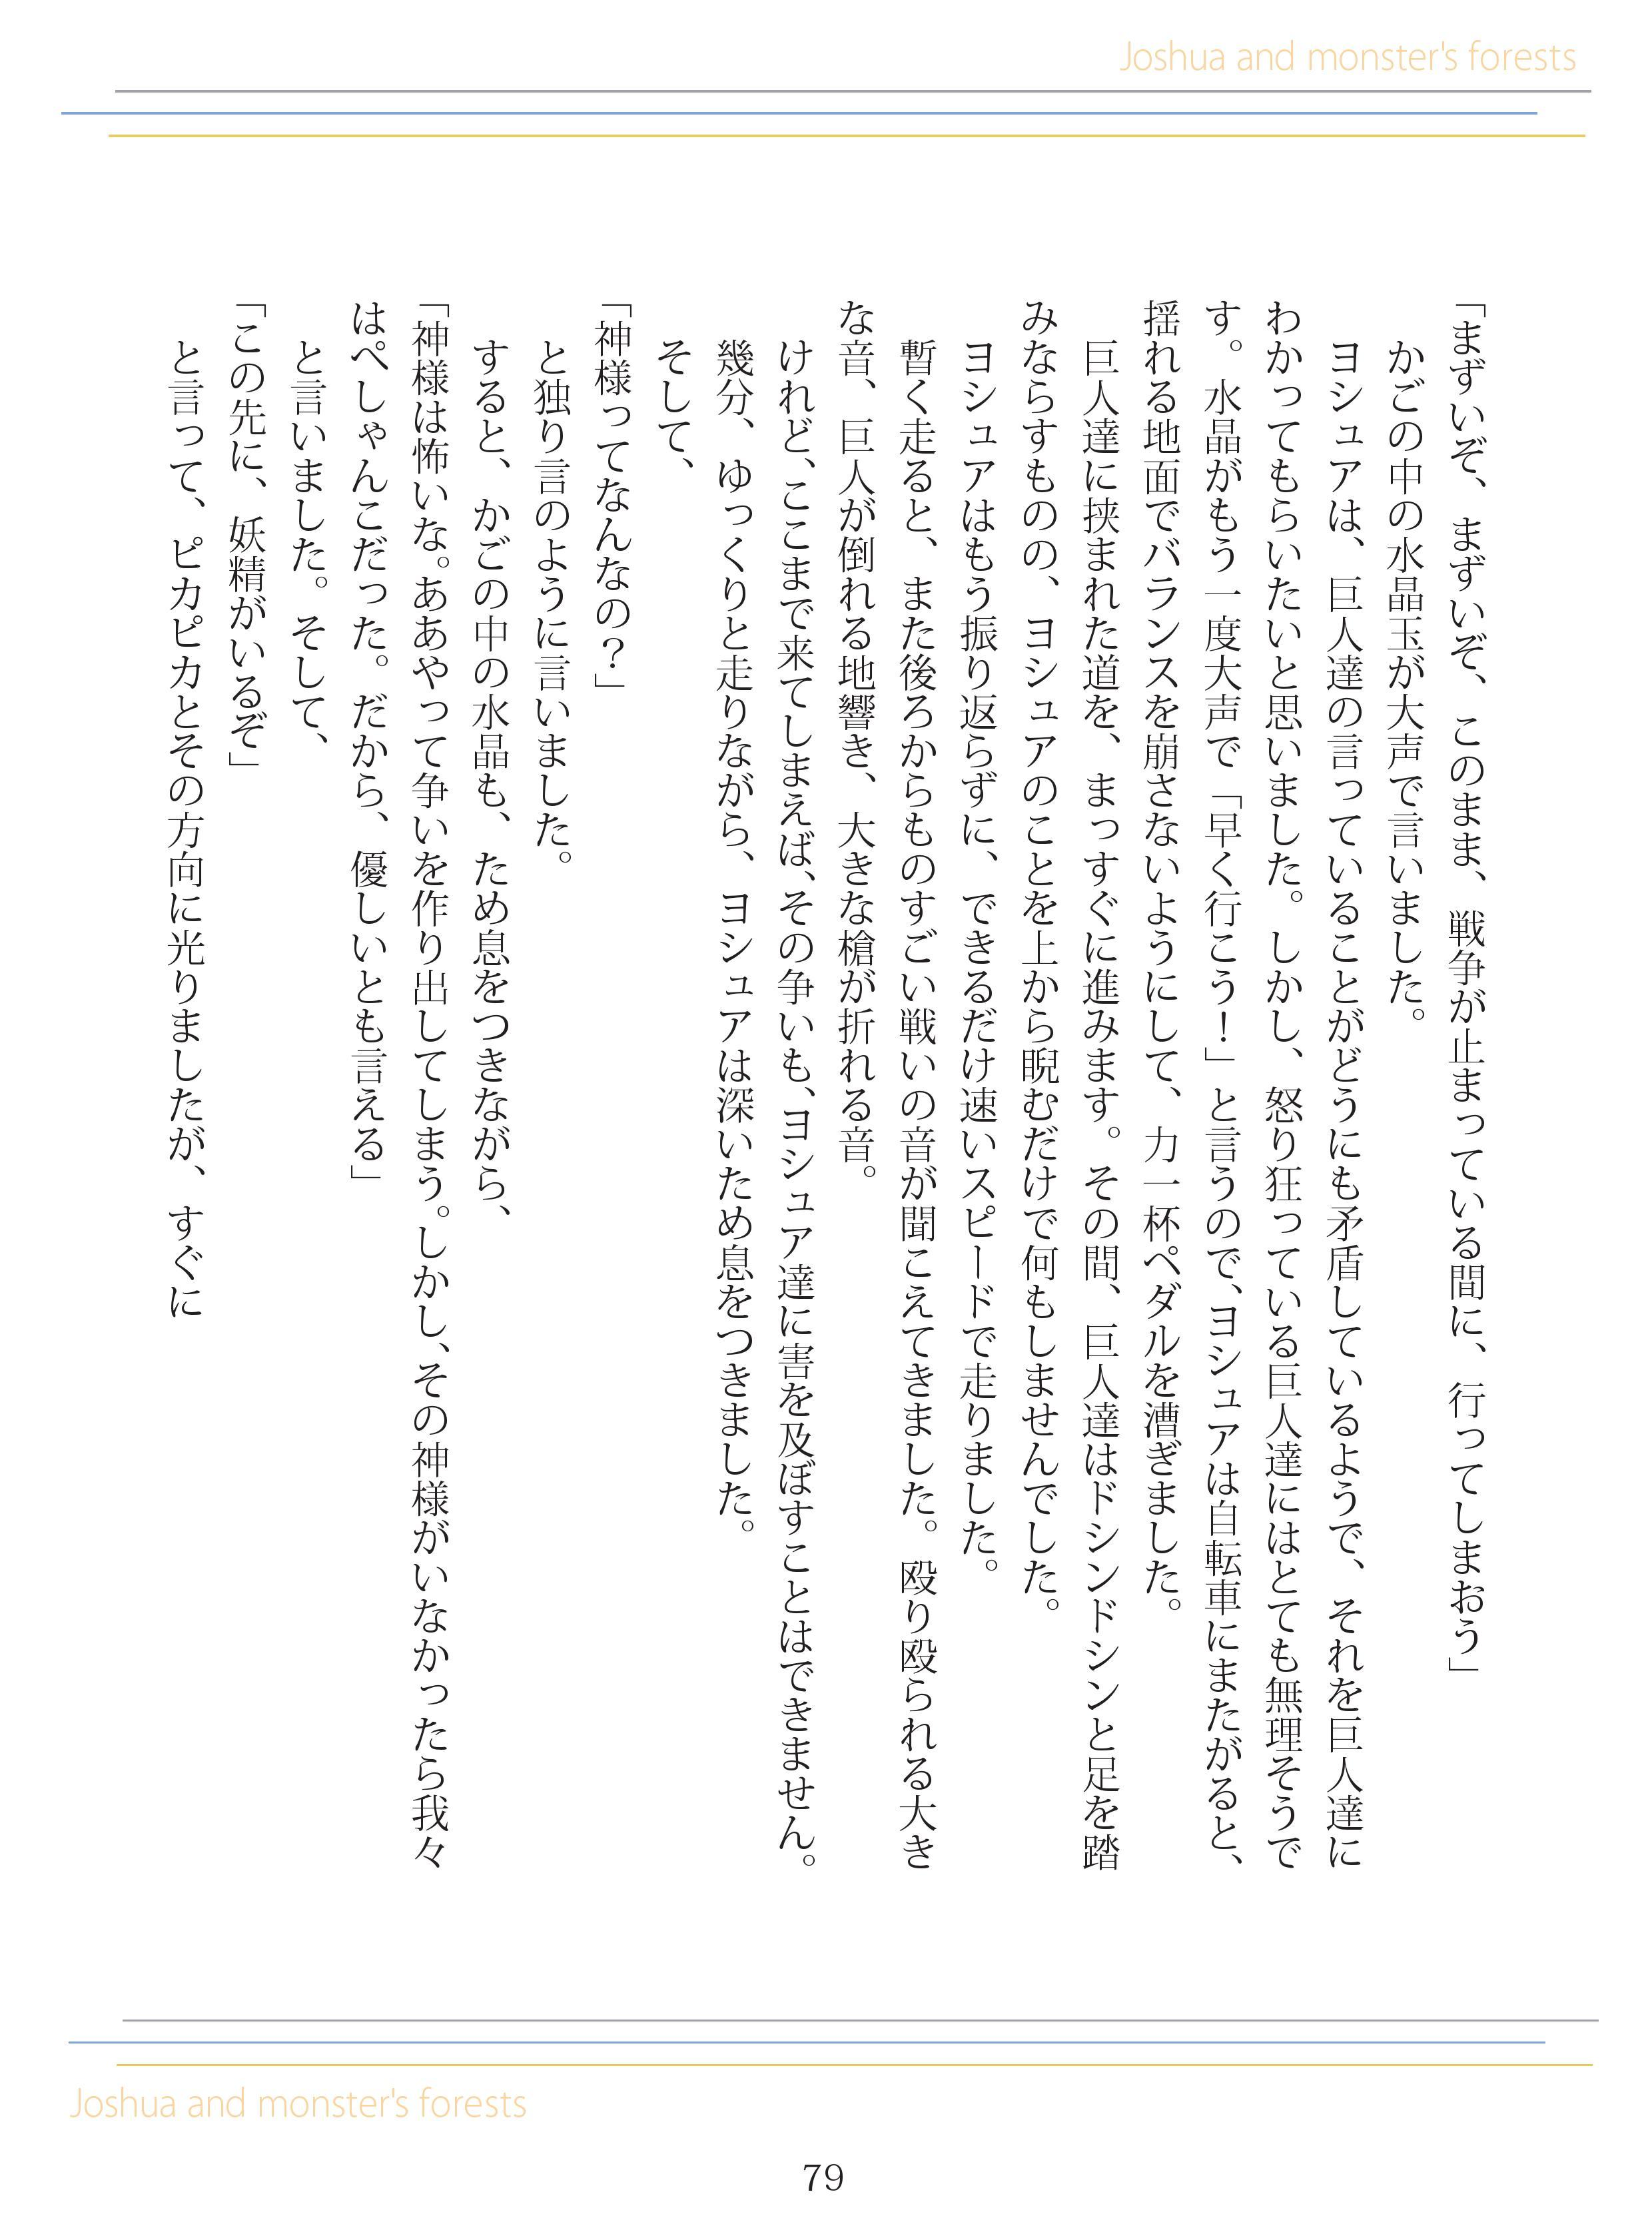 image_080